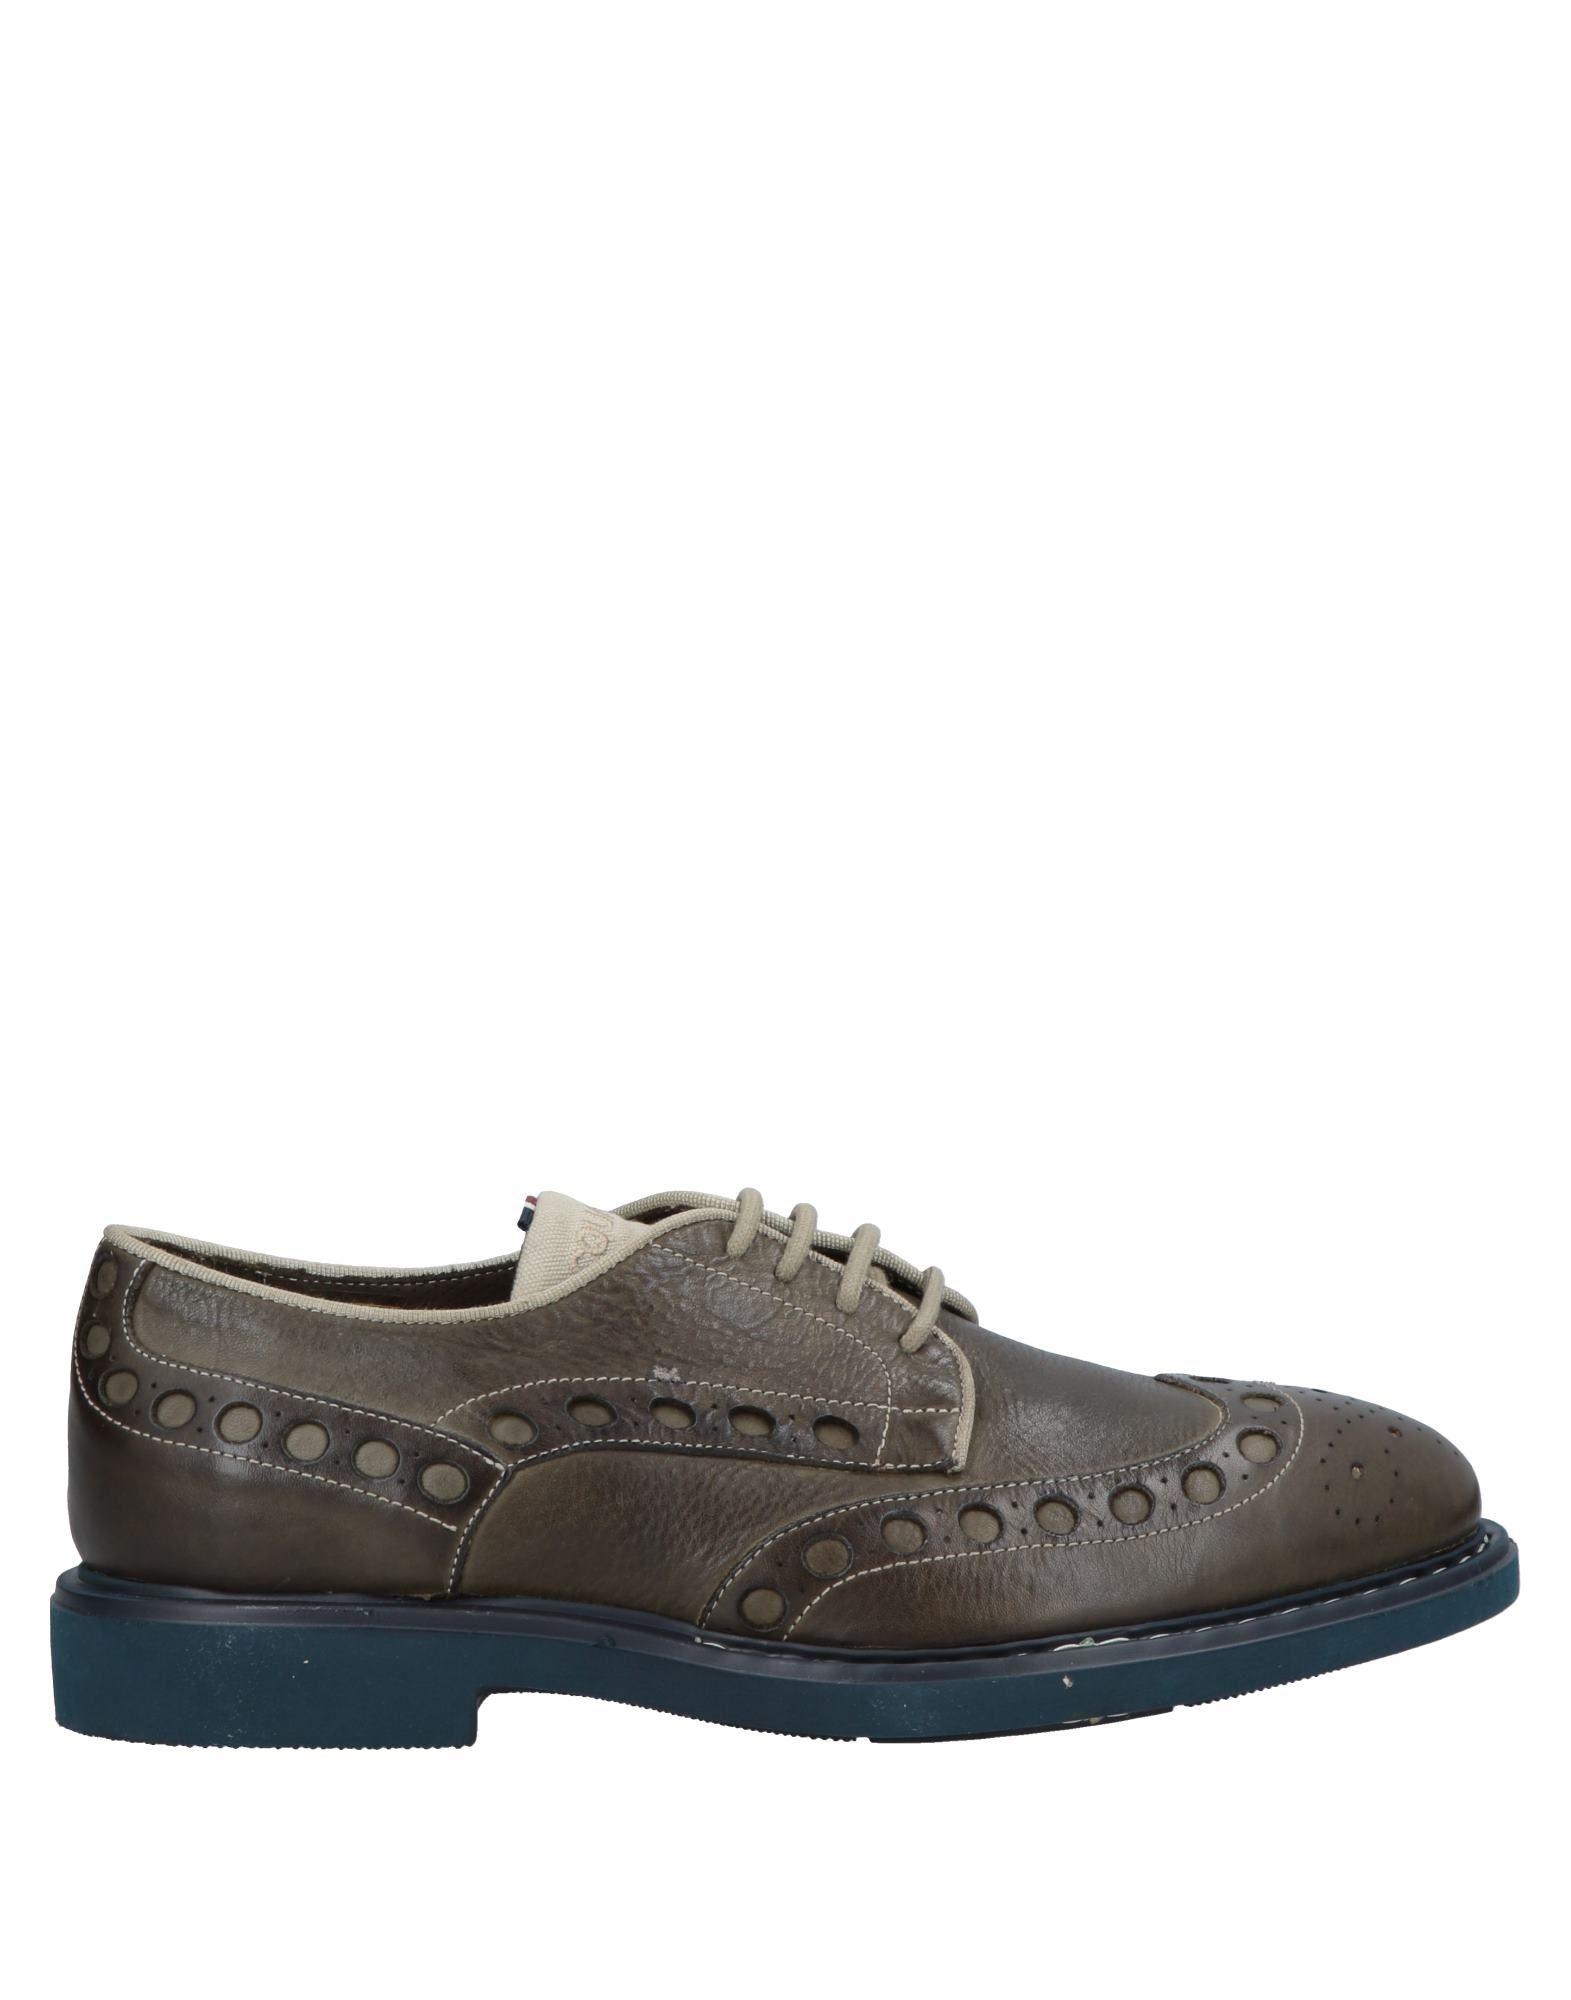 Chaussures À Lacets D'Acquasparta Homme - Chaussures À Lacets D'Acquasparta   - 11630279KE